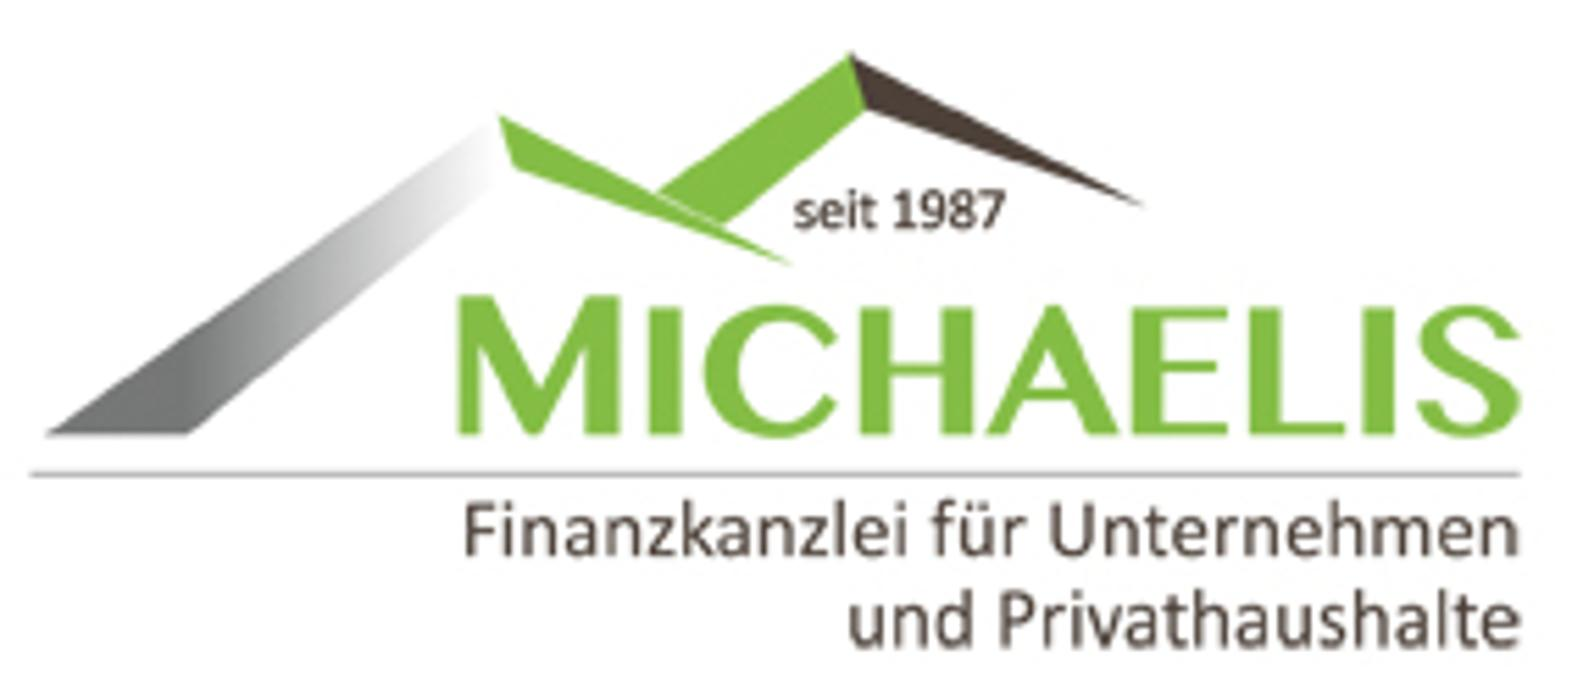 Bild zu MICHAELIS Finanzkanzlei in Traunstein